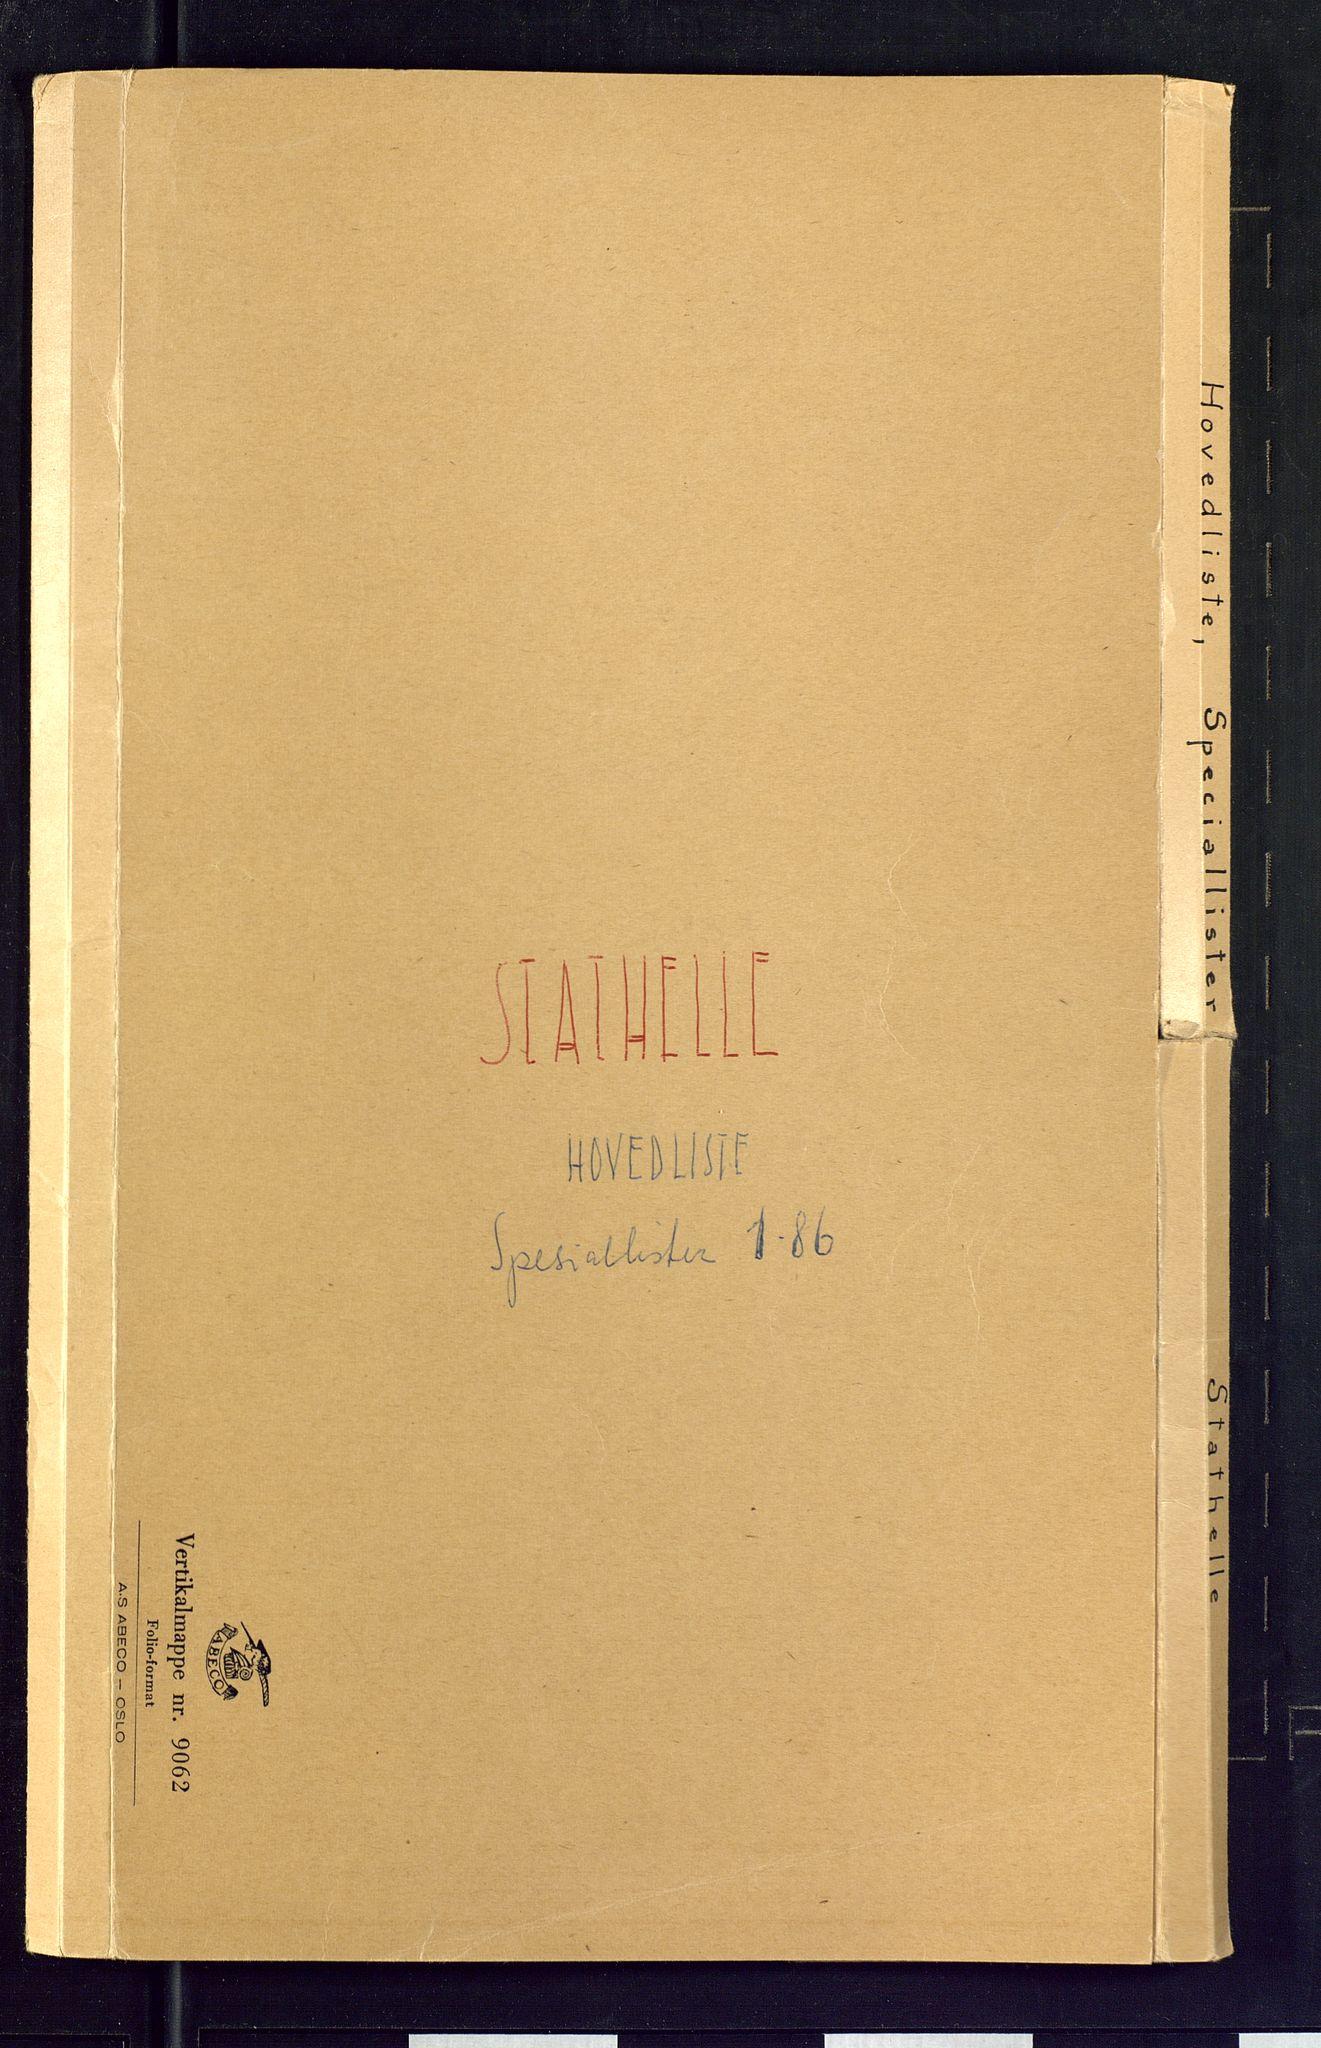 SAKO, Folketelling 1875 for 0803B Bamble prestegjeld, Stathelle ladested, 1875, s. 1